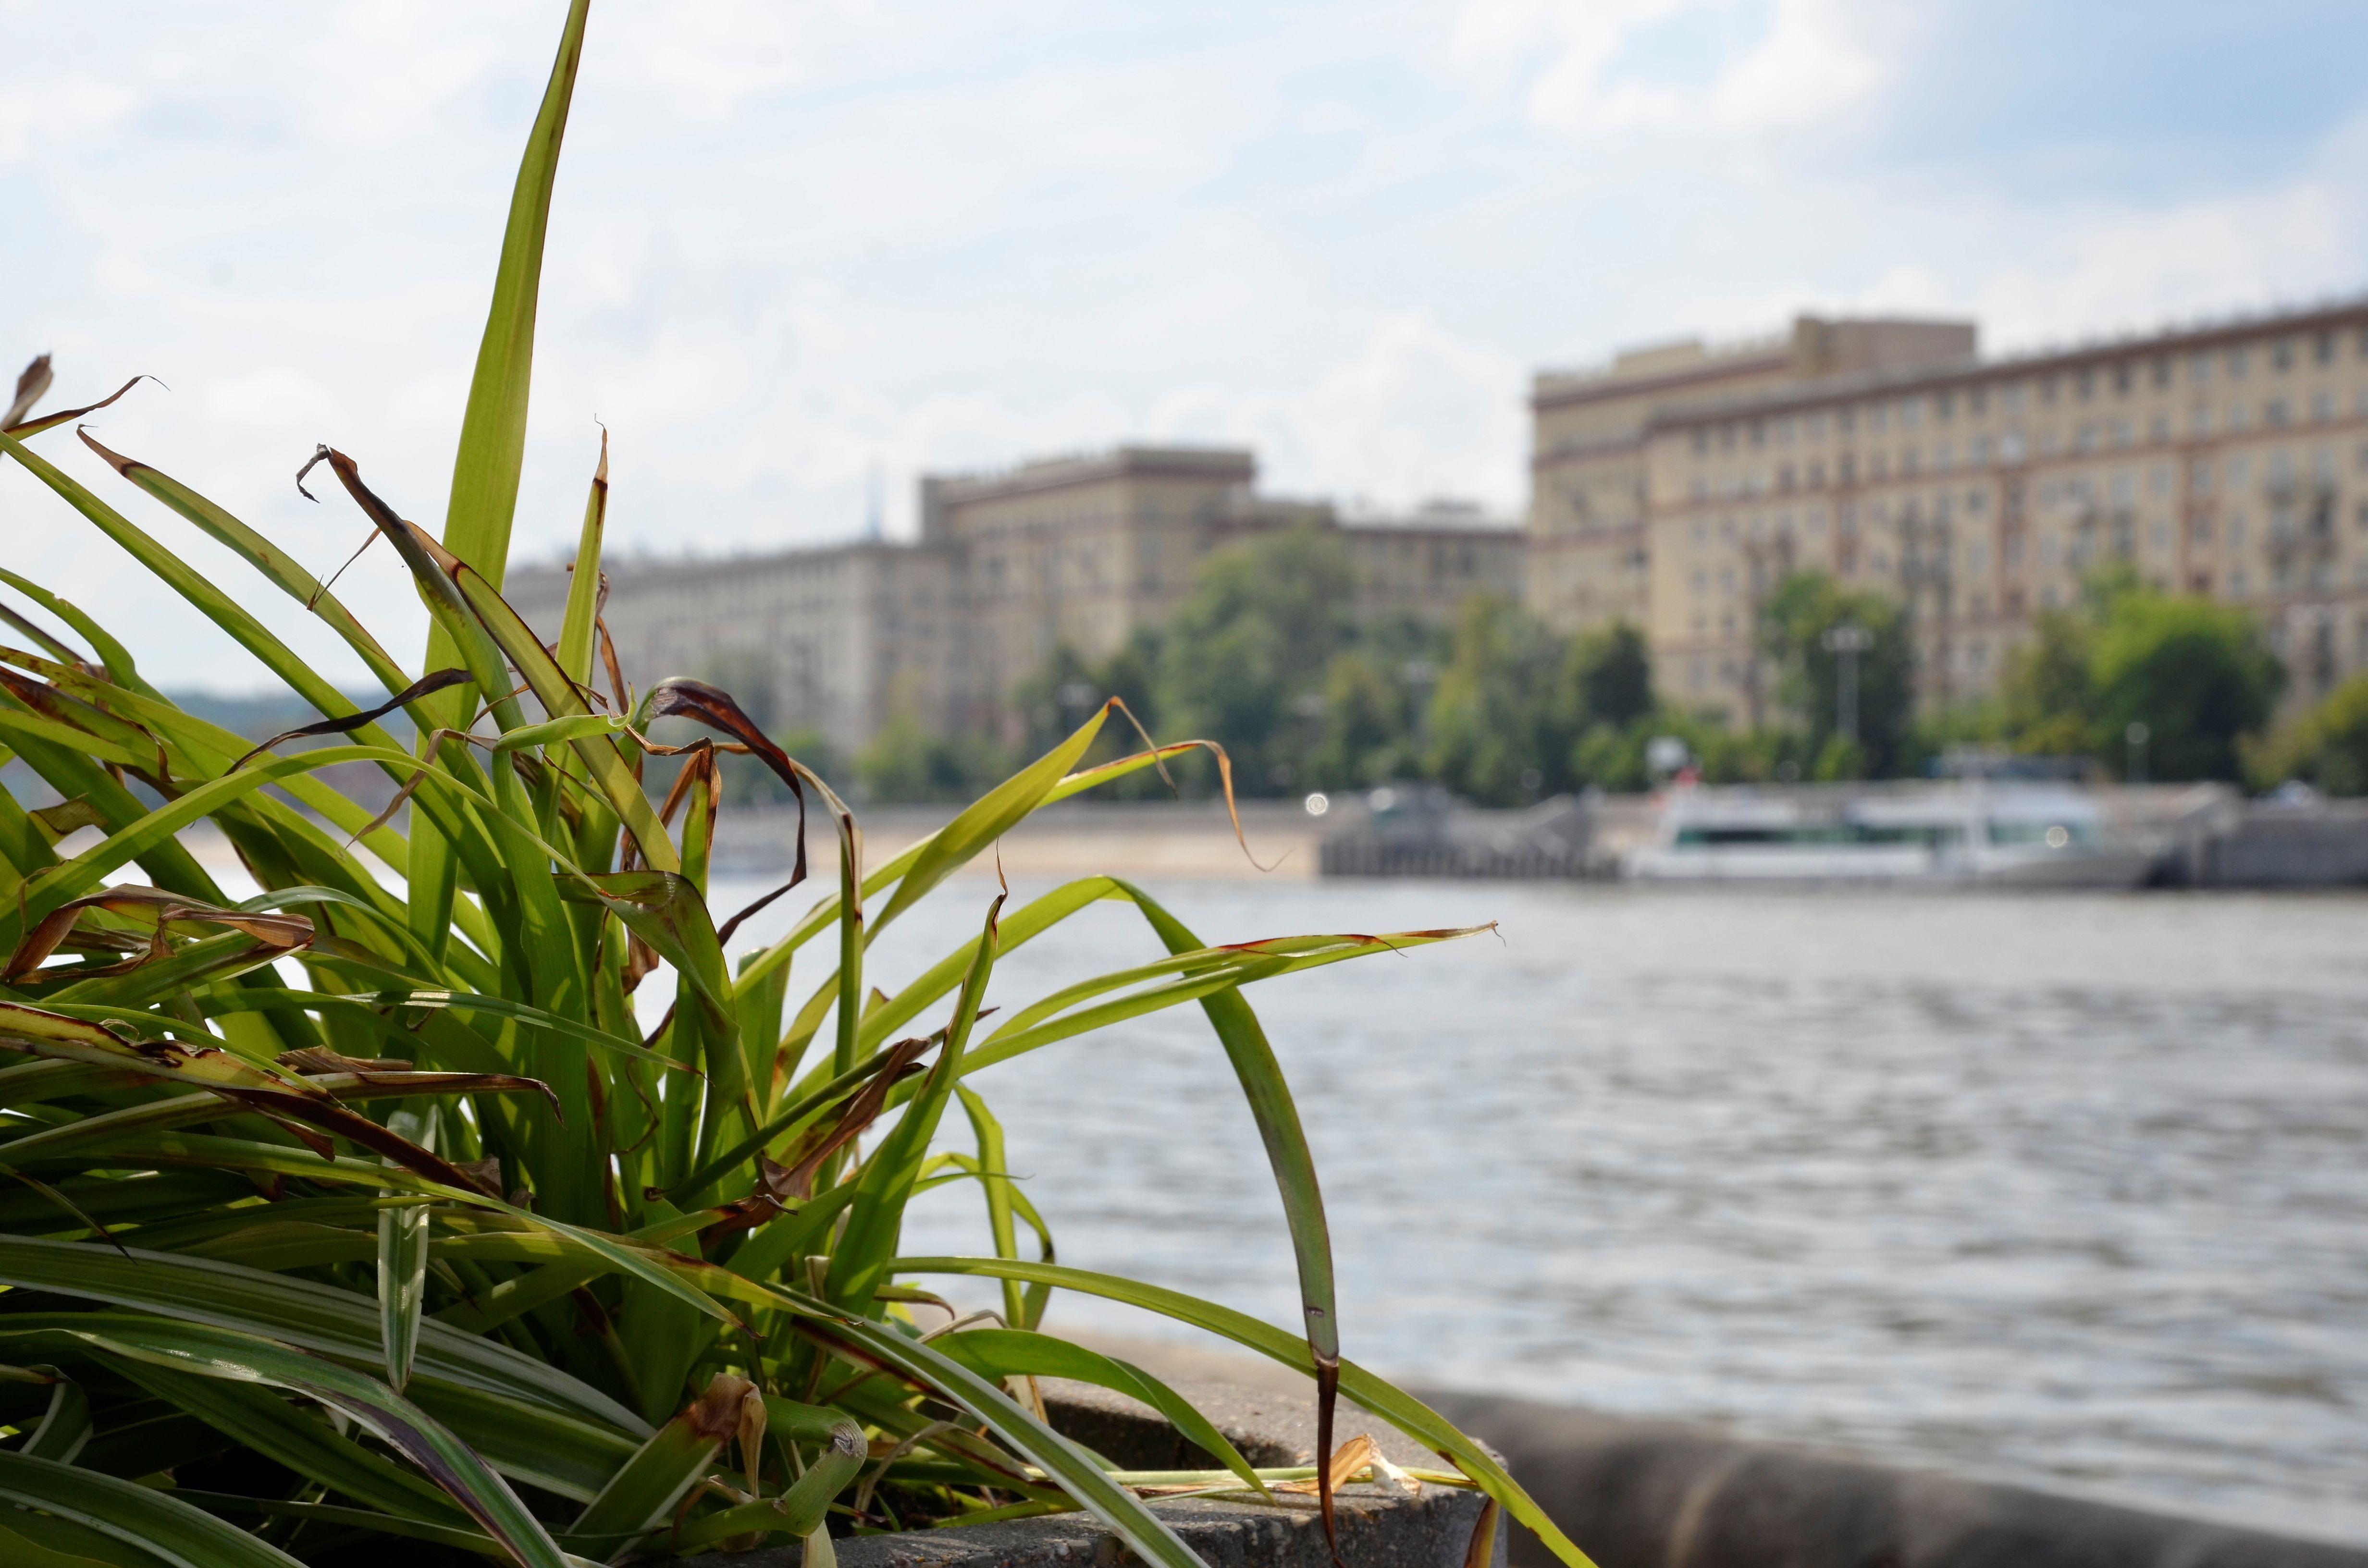 Ветераны из Краснопахорского отправятся на прогулку по Москве-реке